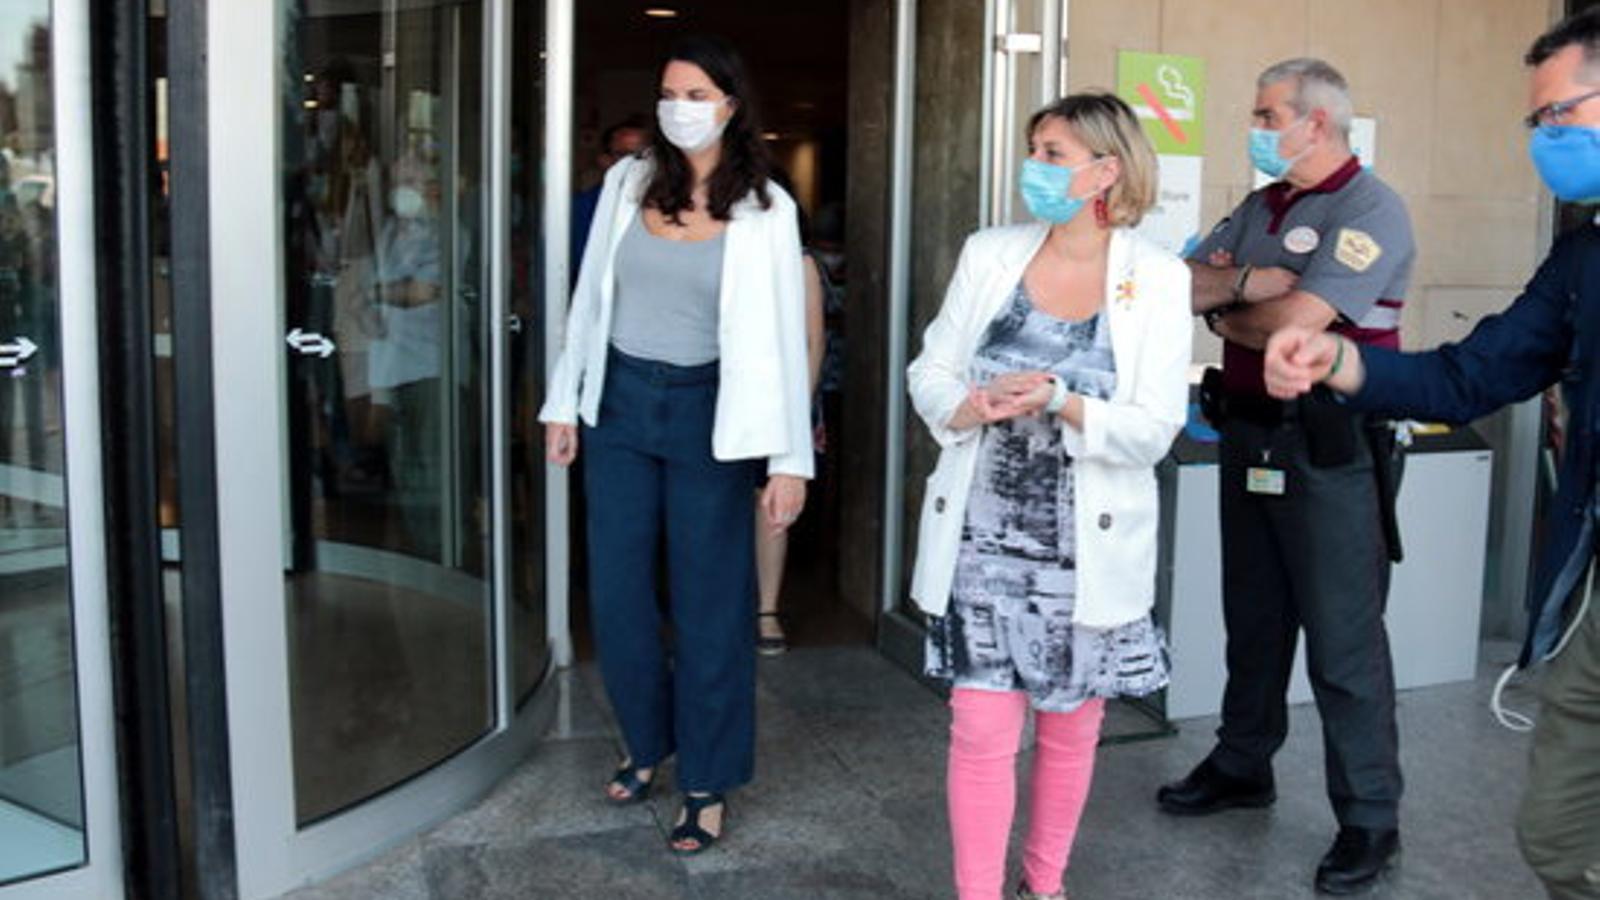 Salut confirma set brots de coronavirus a la regió sanitària de Lleida